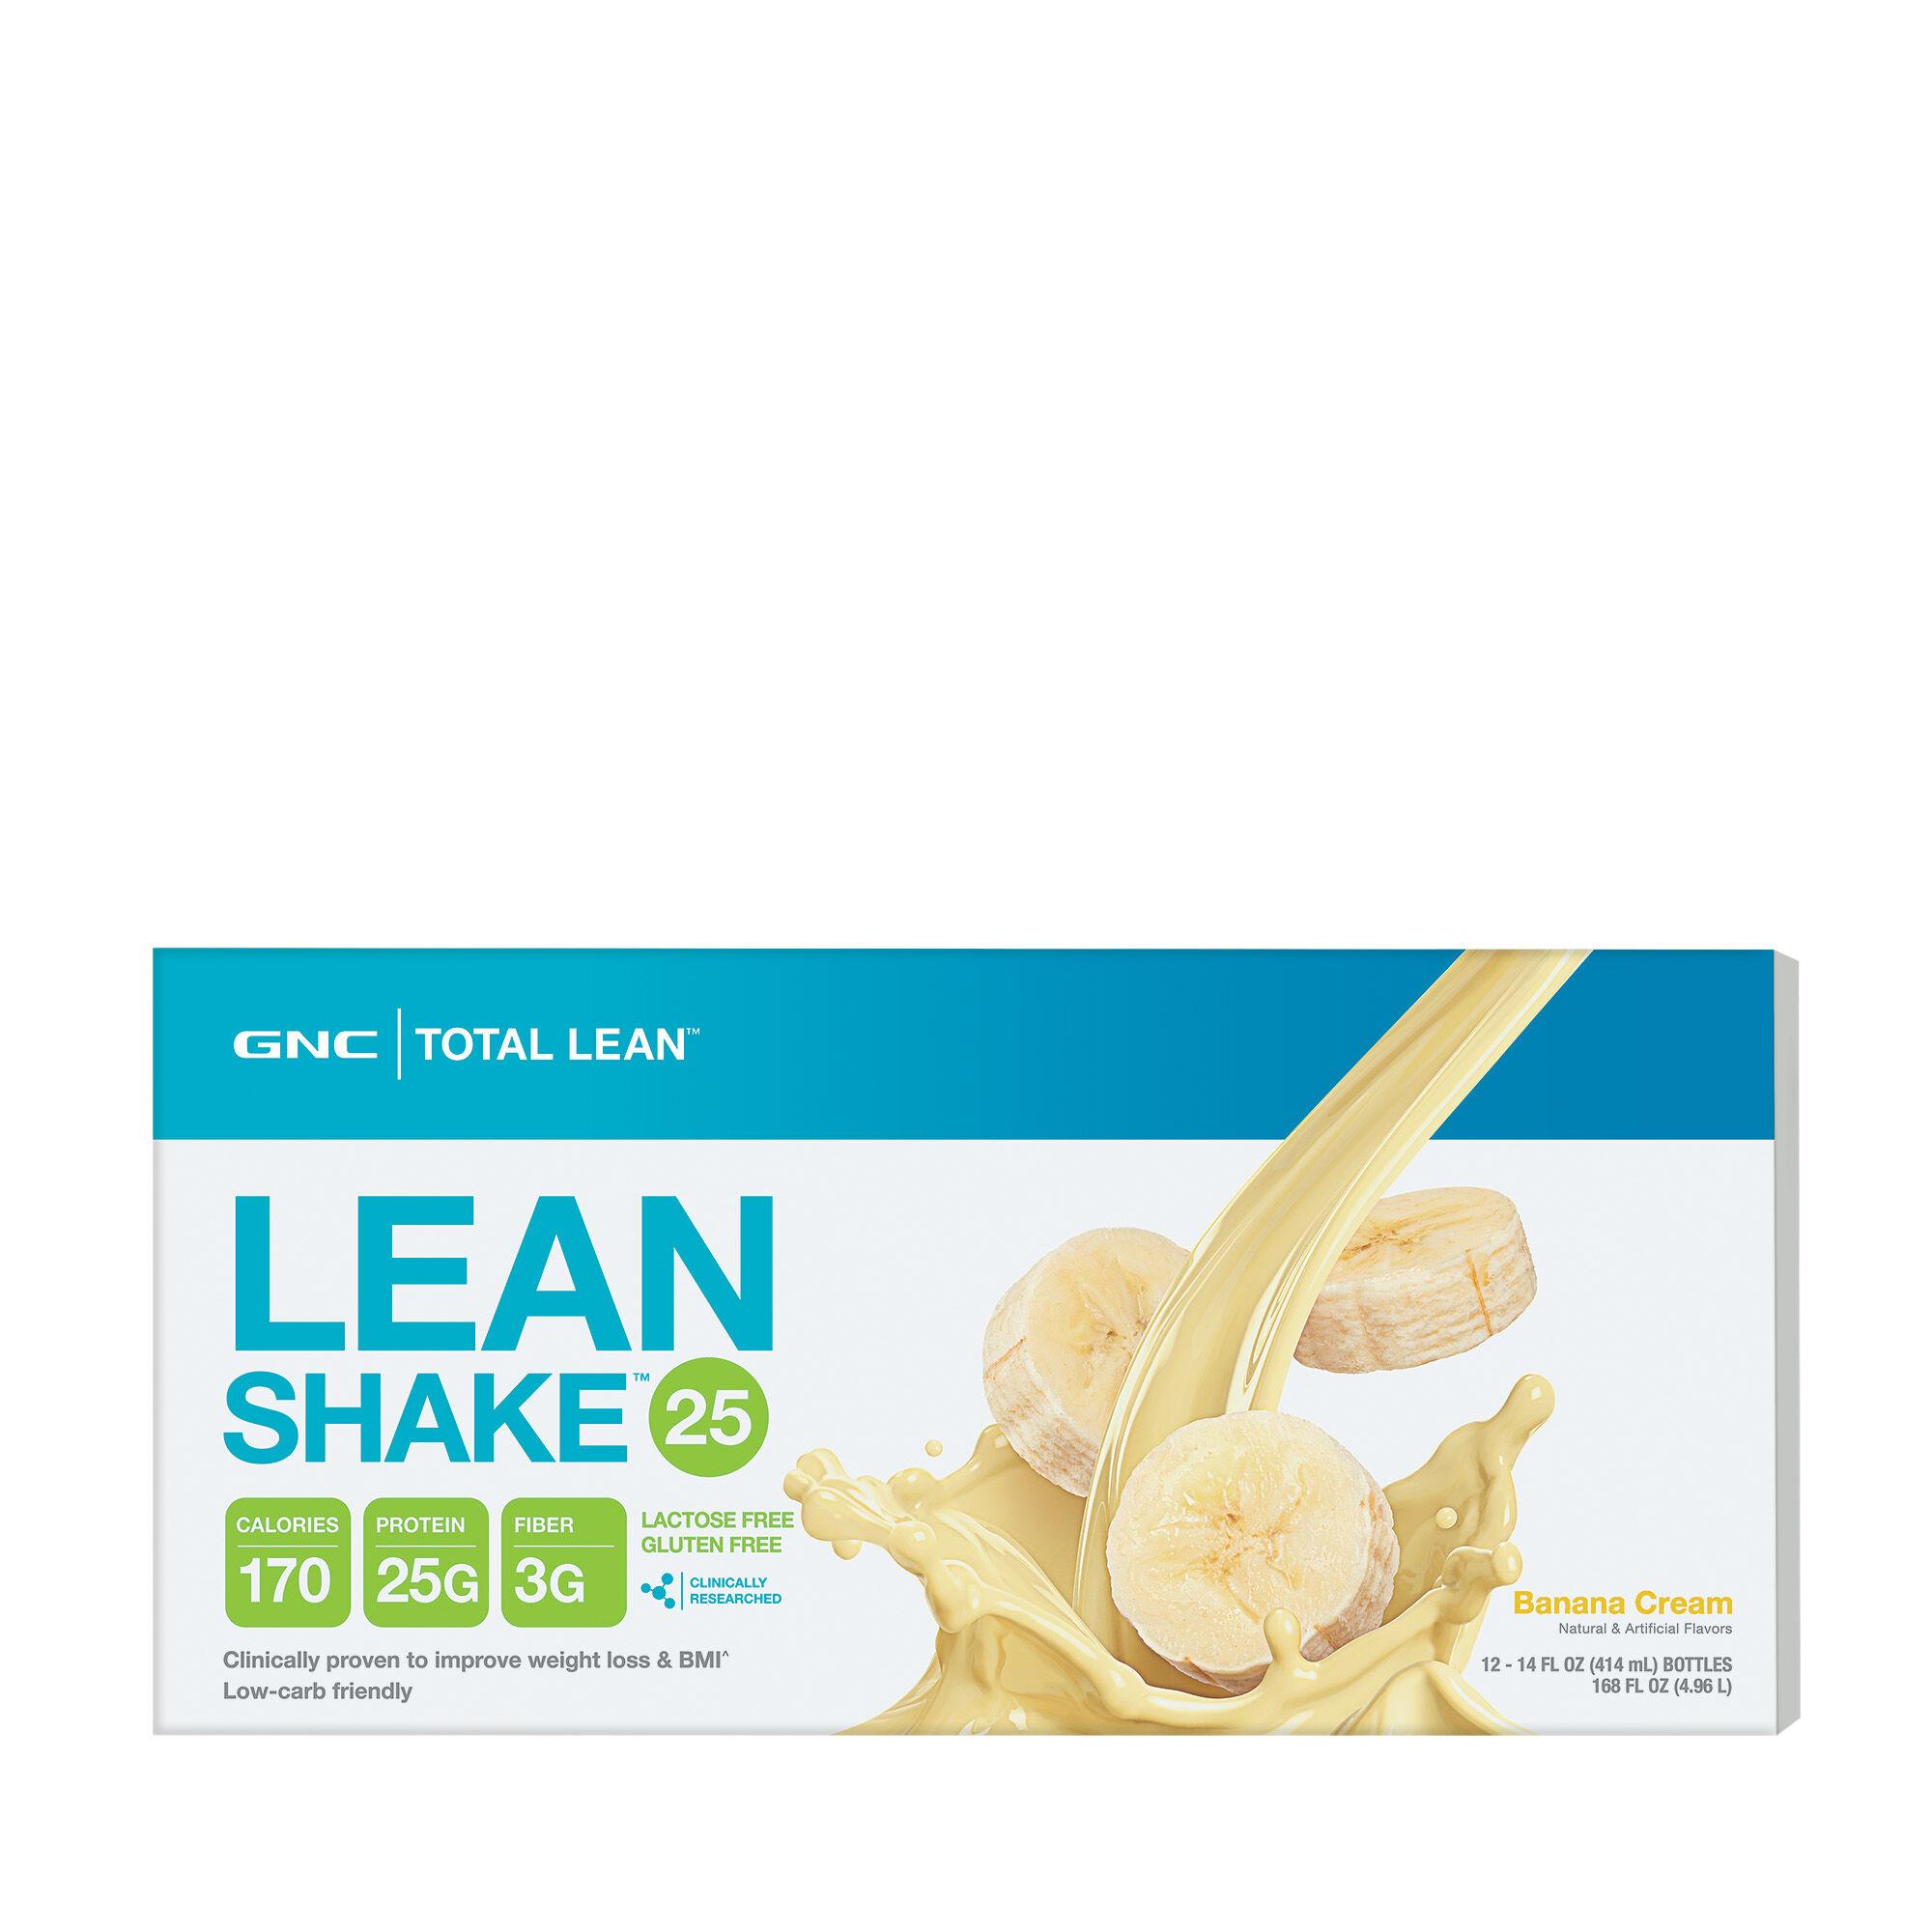 GNC Total Lean Lean Shake